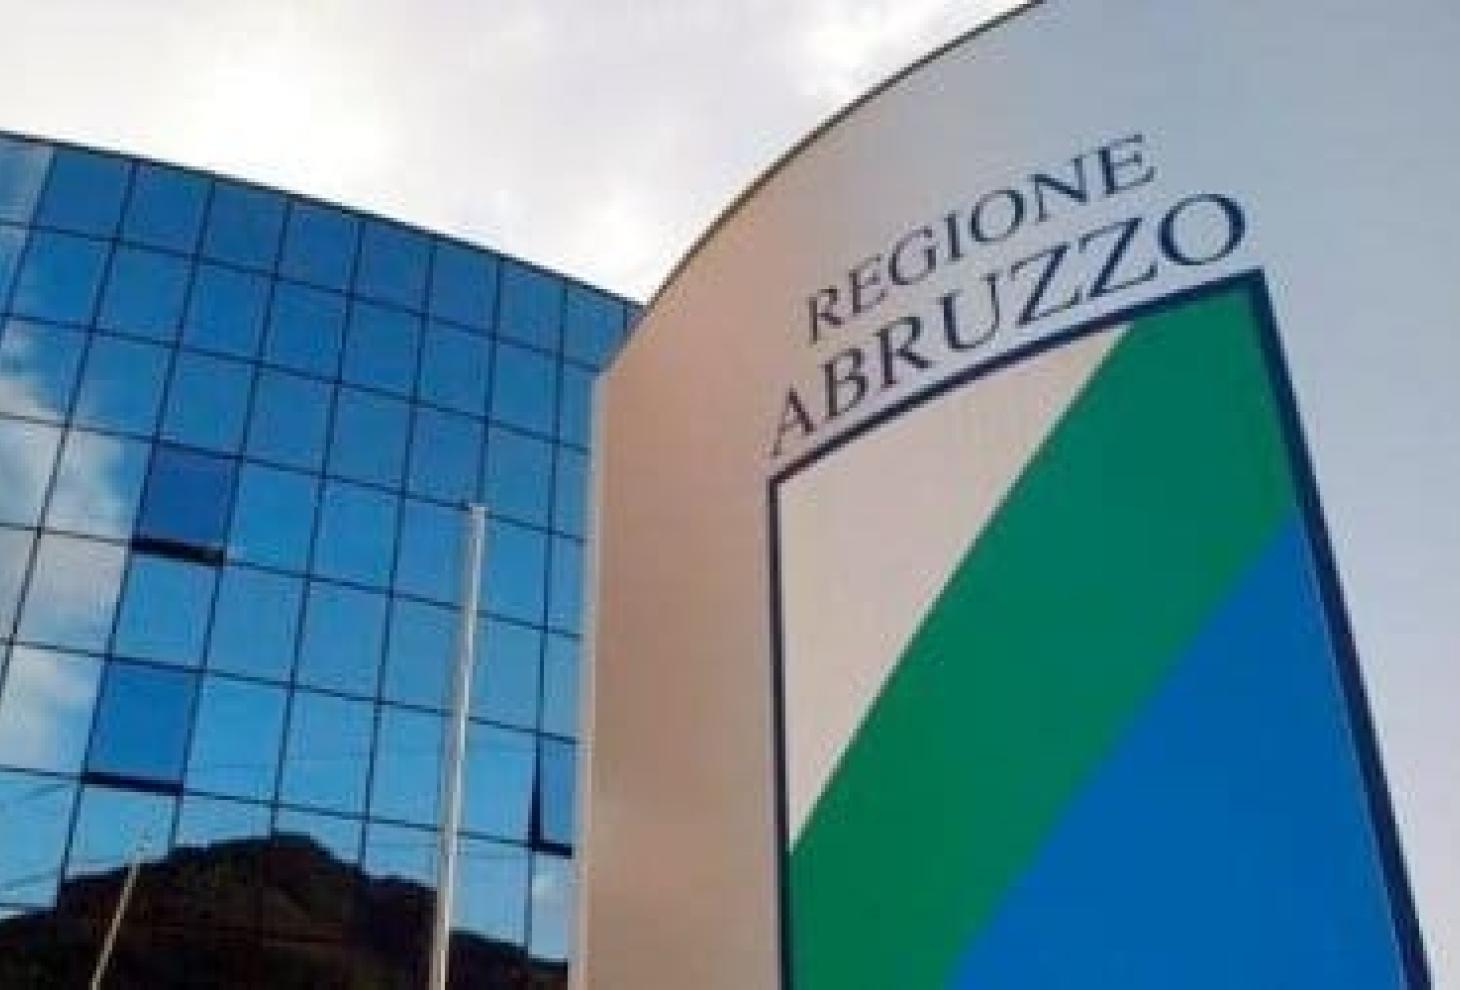 Rifiuti Abruzzo, Campitelli (Lega) : La Regione stanzia ...